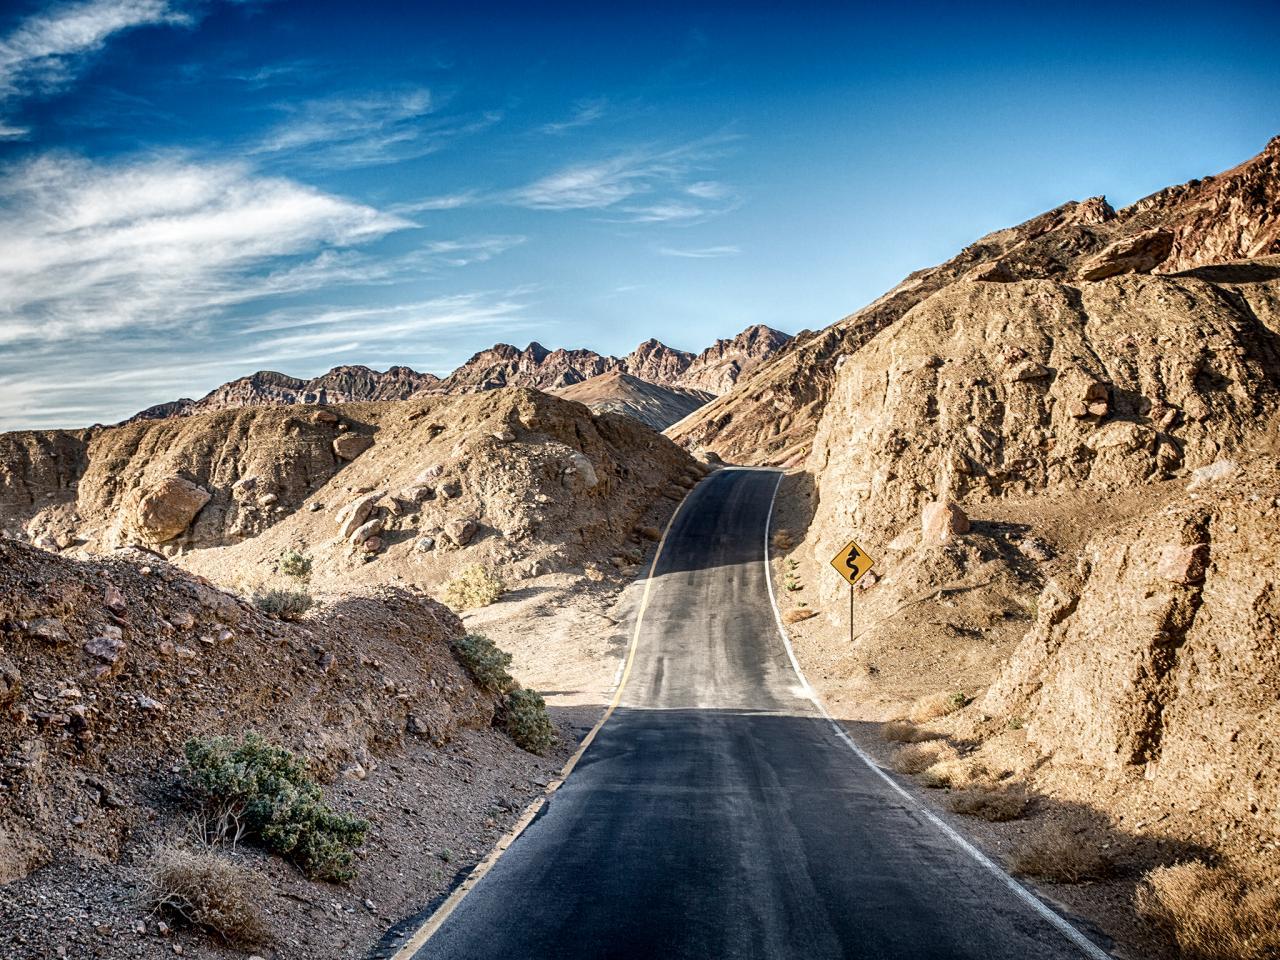 california-desert-death-valley.jpg.rend.tccom.1280.960.jpeg